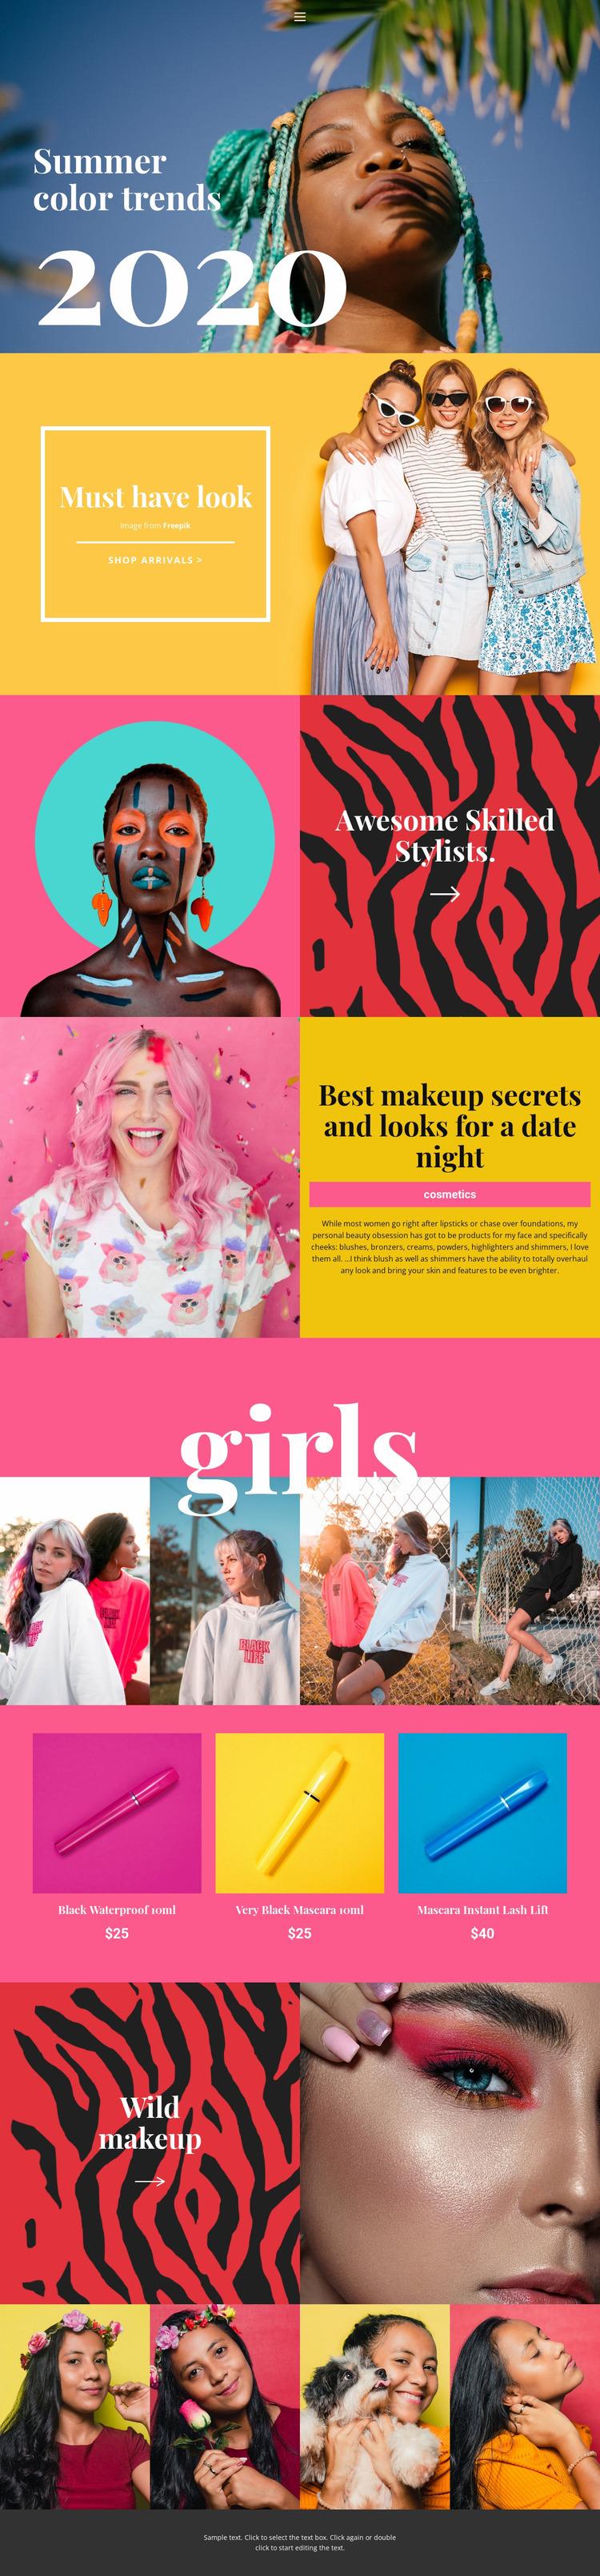 Beauty trends info Website Mockup